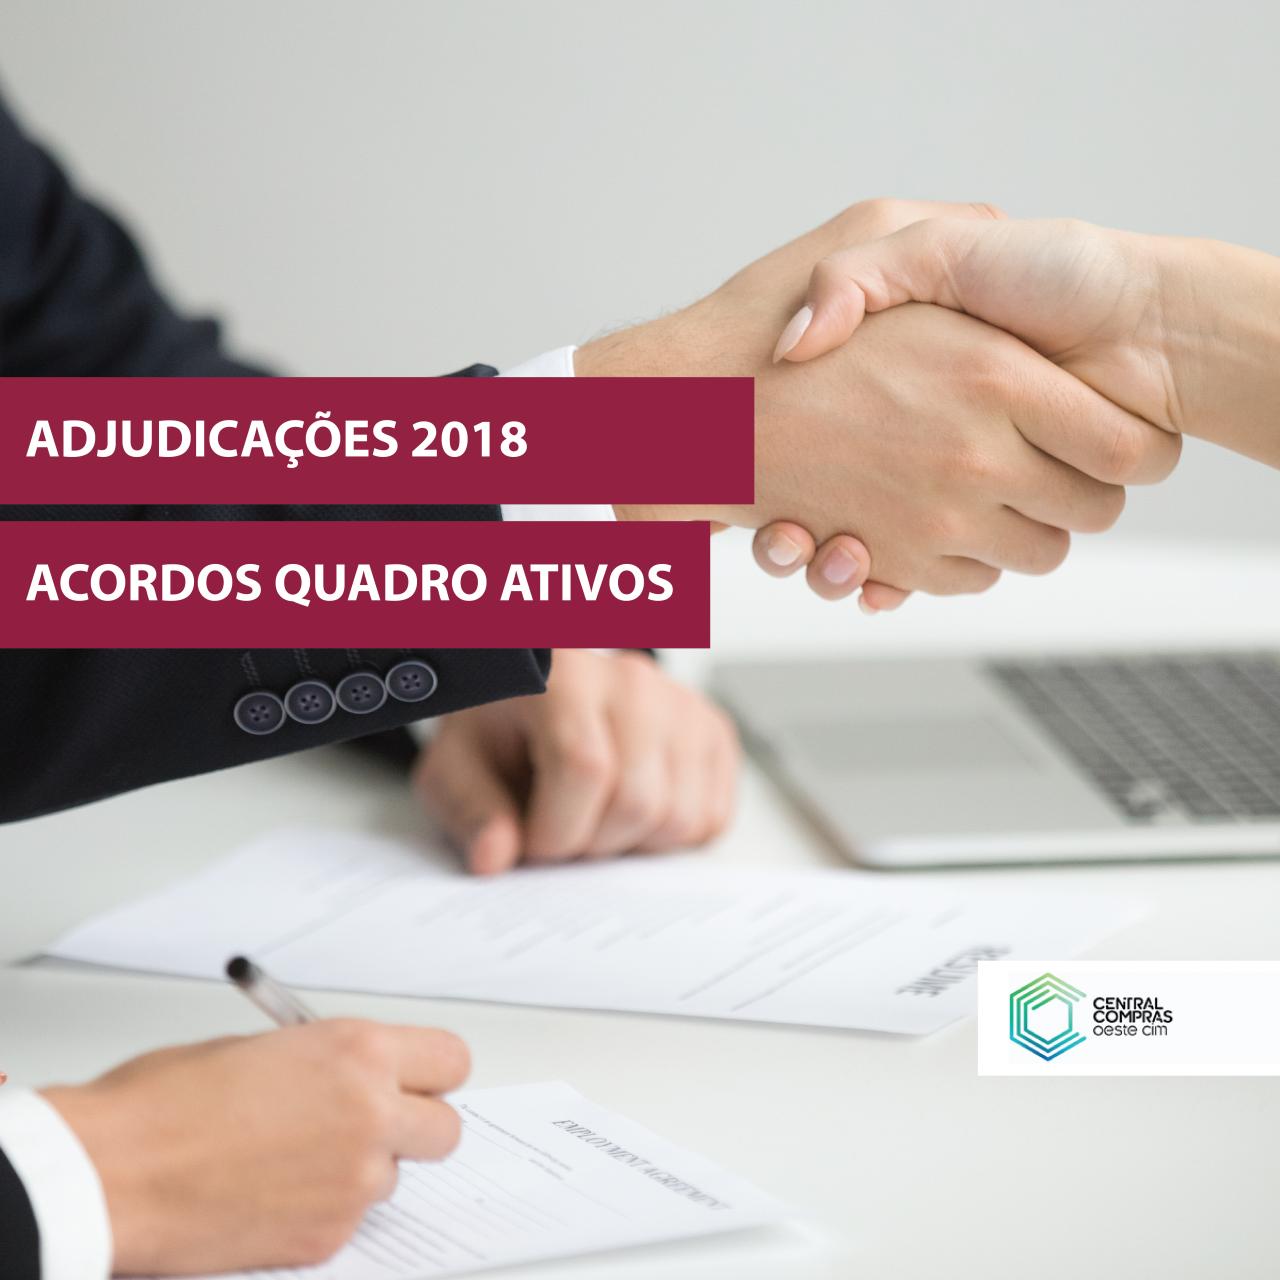 Adjudicações de 2018: Acordos Quadro Ativos